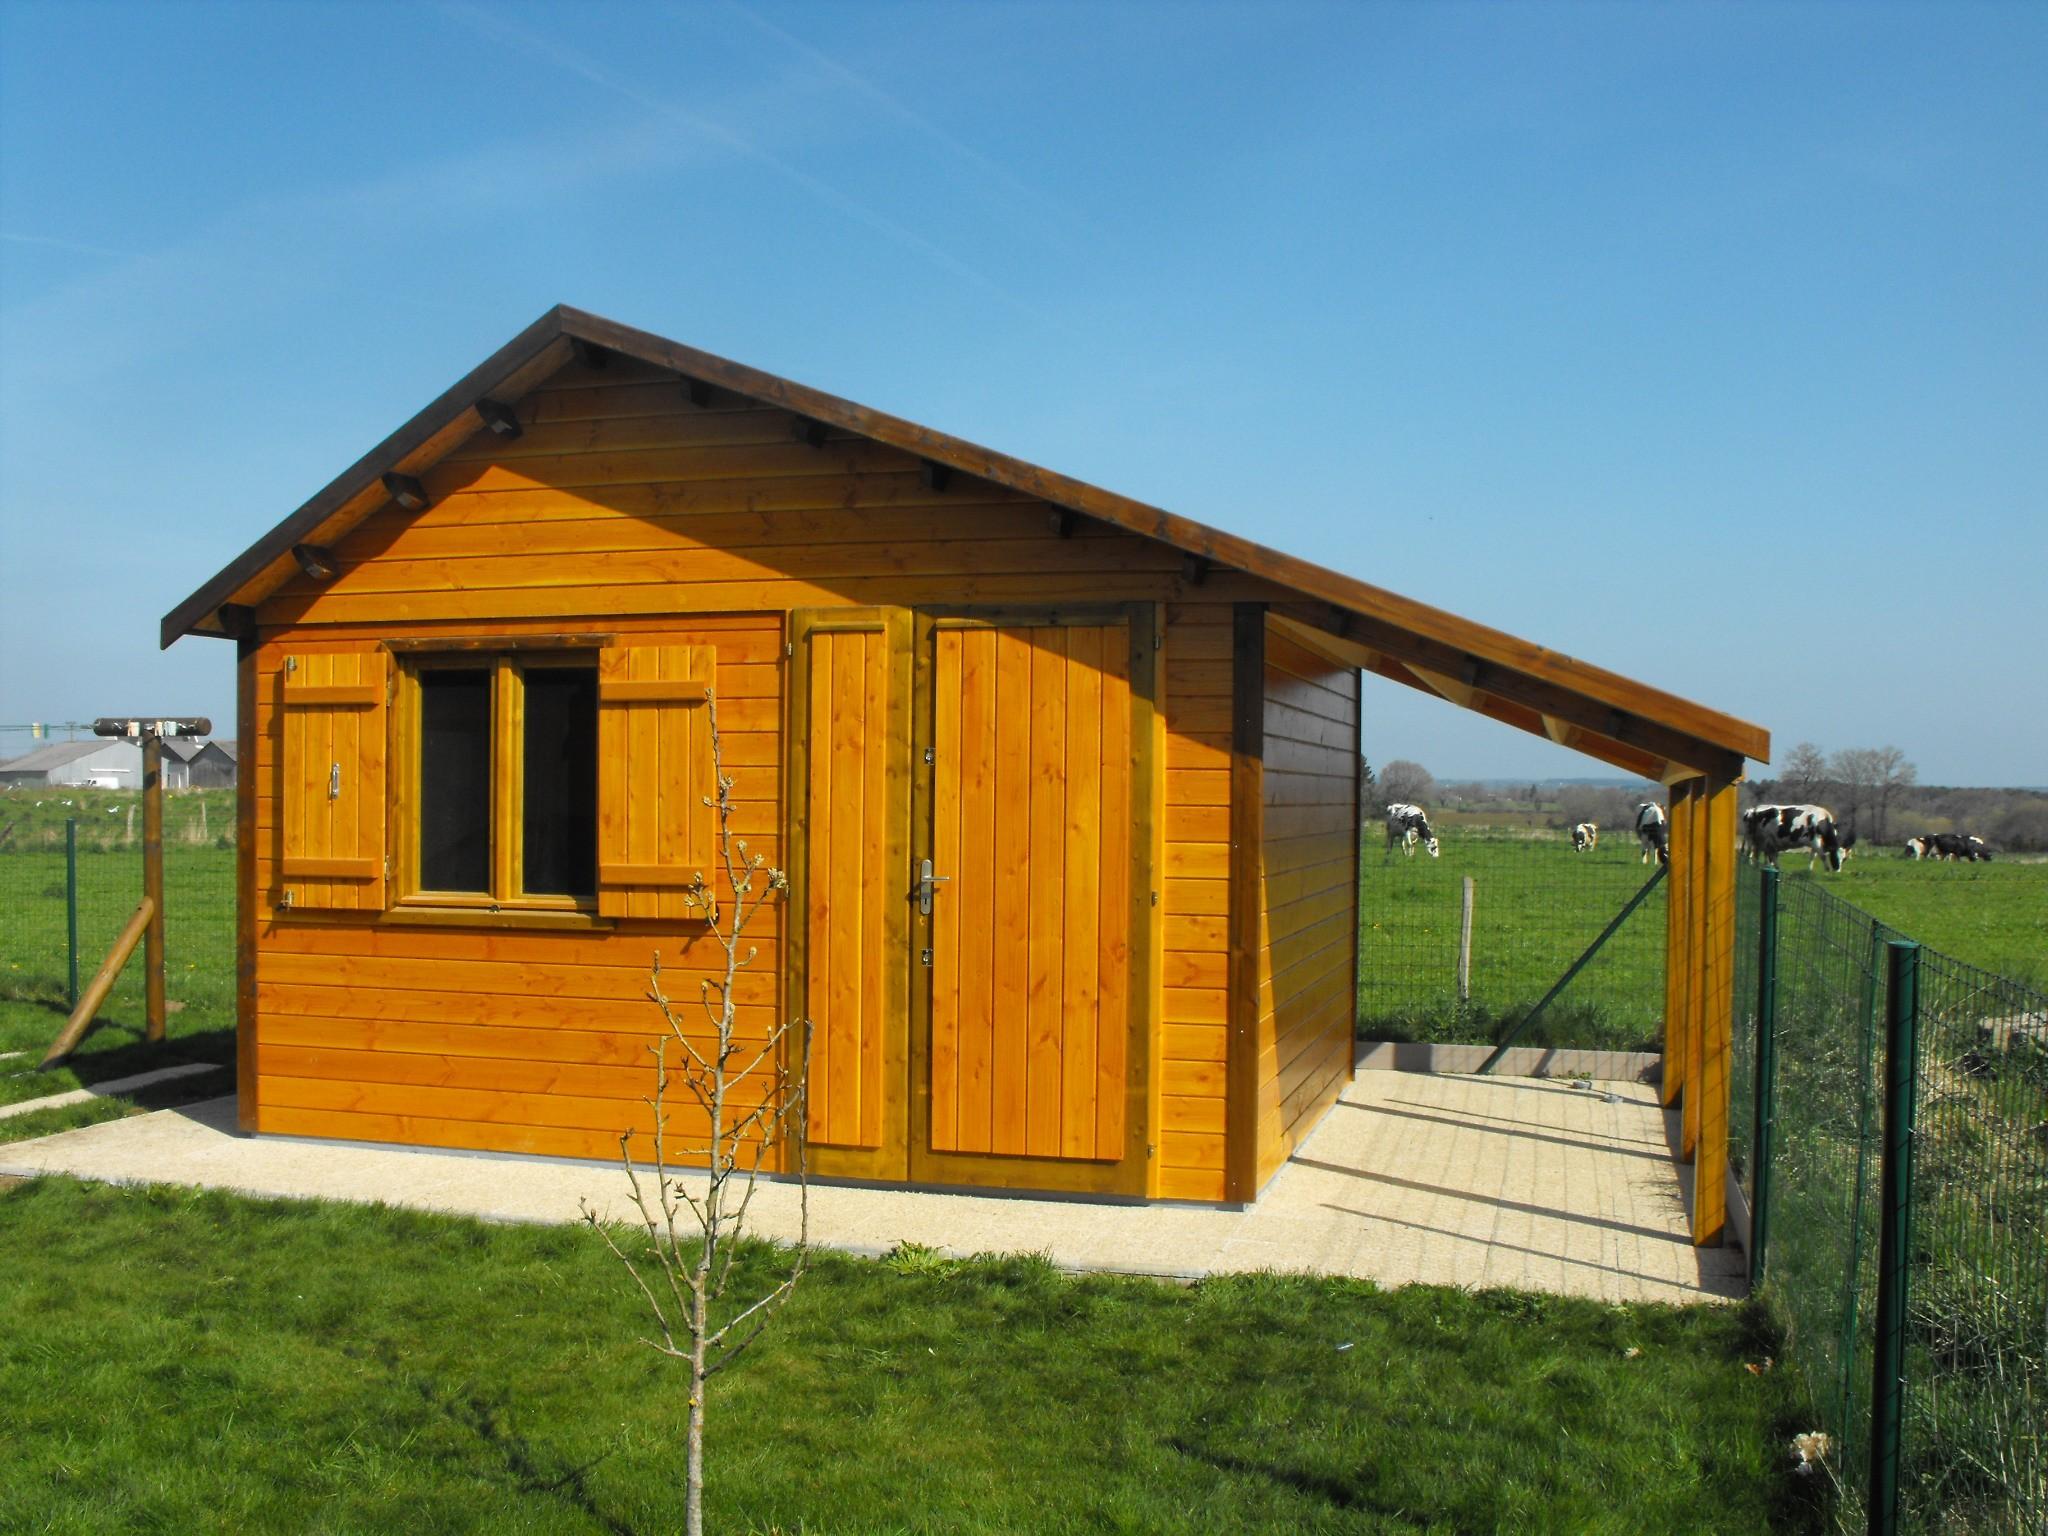 exemples et mod les d 39 abris de jardin en bois et abris de jardin pvc menuiserie de l 39 ouest. Black Bedroom Furniture Sets. Home Design Ideas